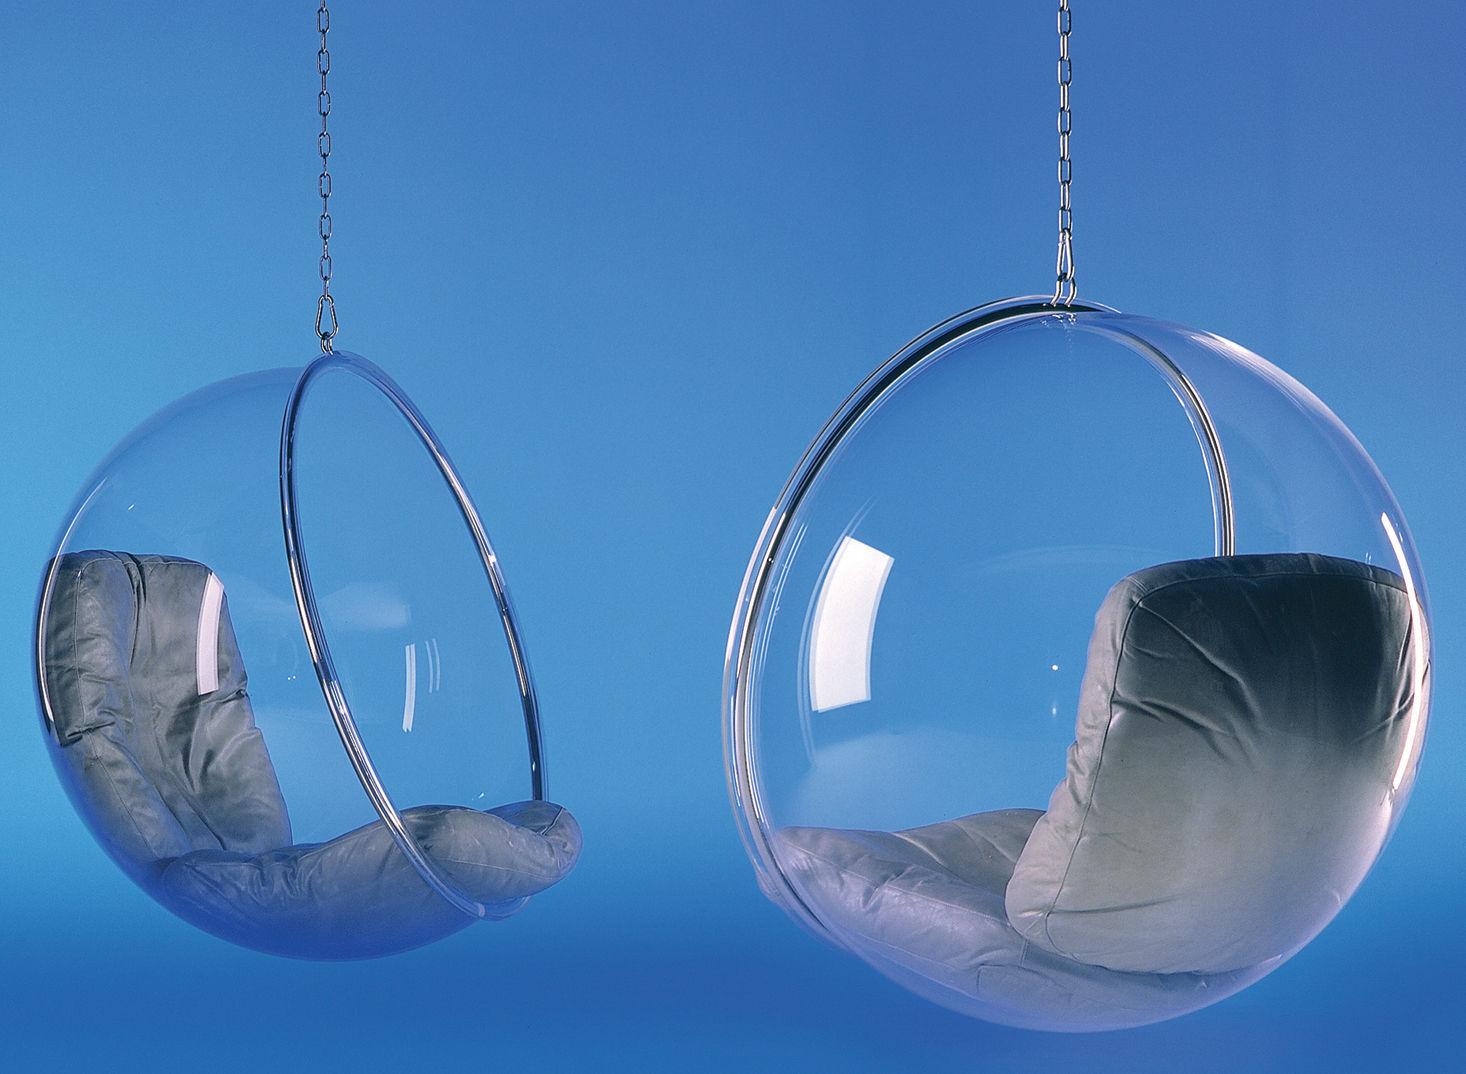 bubble chair hanging armchair hanging armchair clear. Black Bedroom Furniture Sets. Home Design Ideas